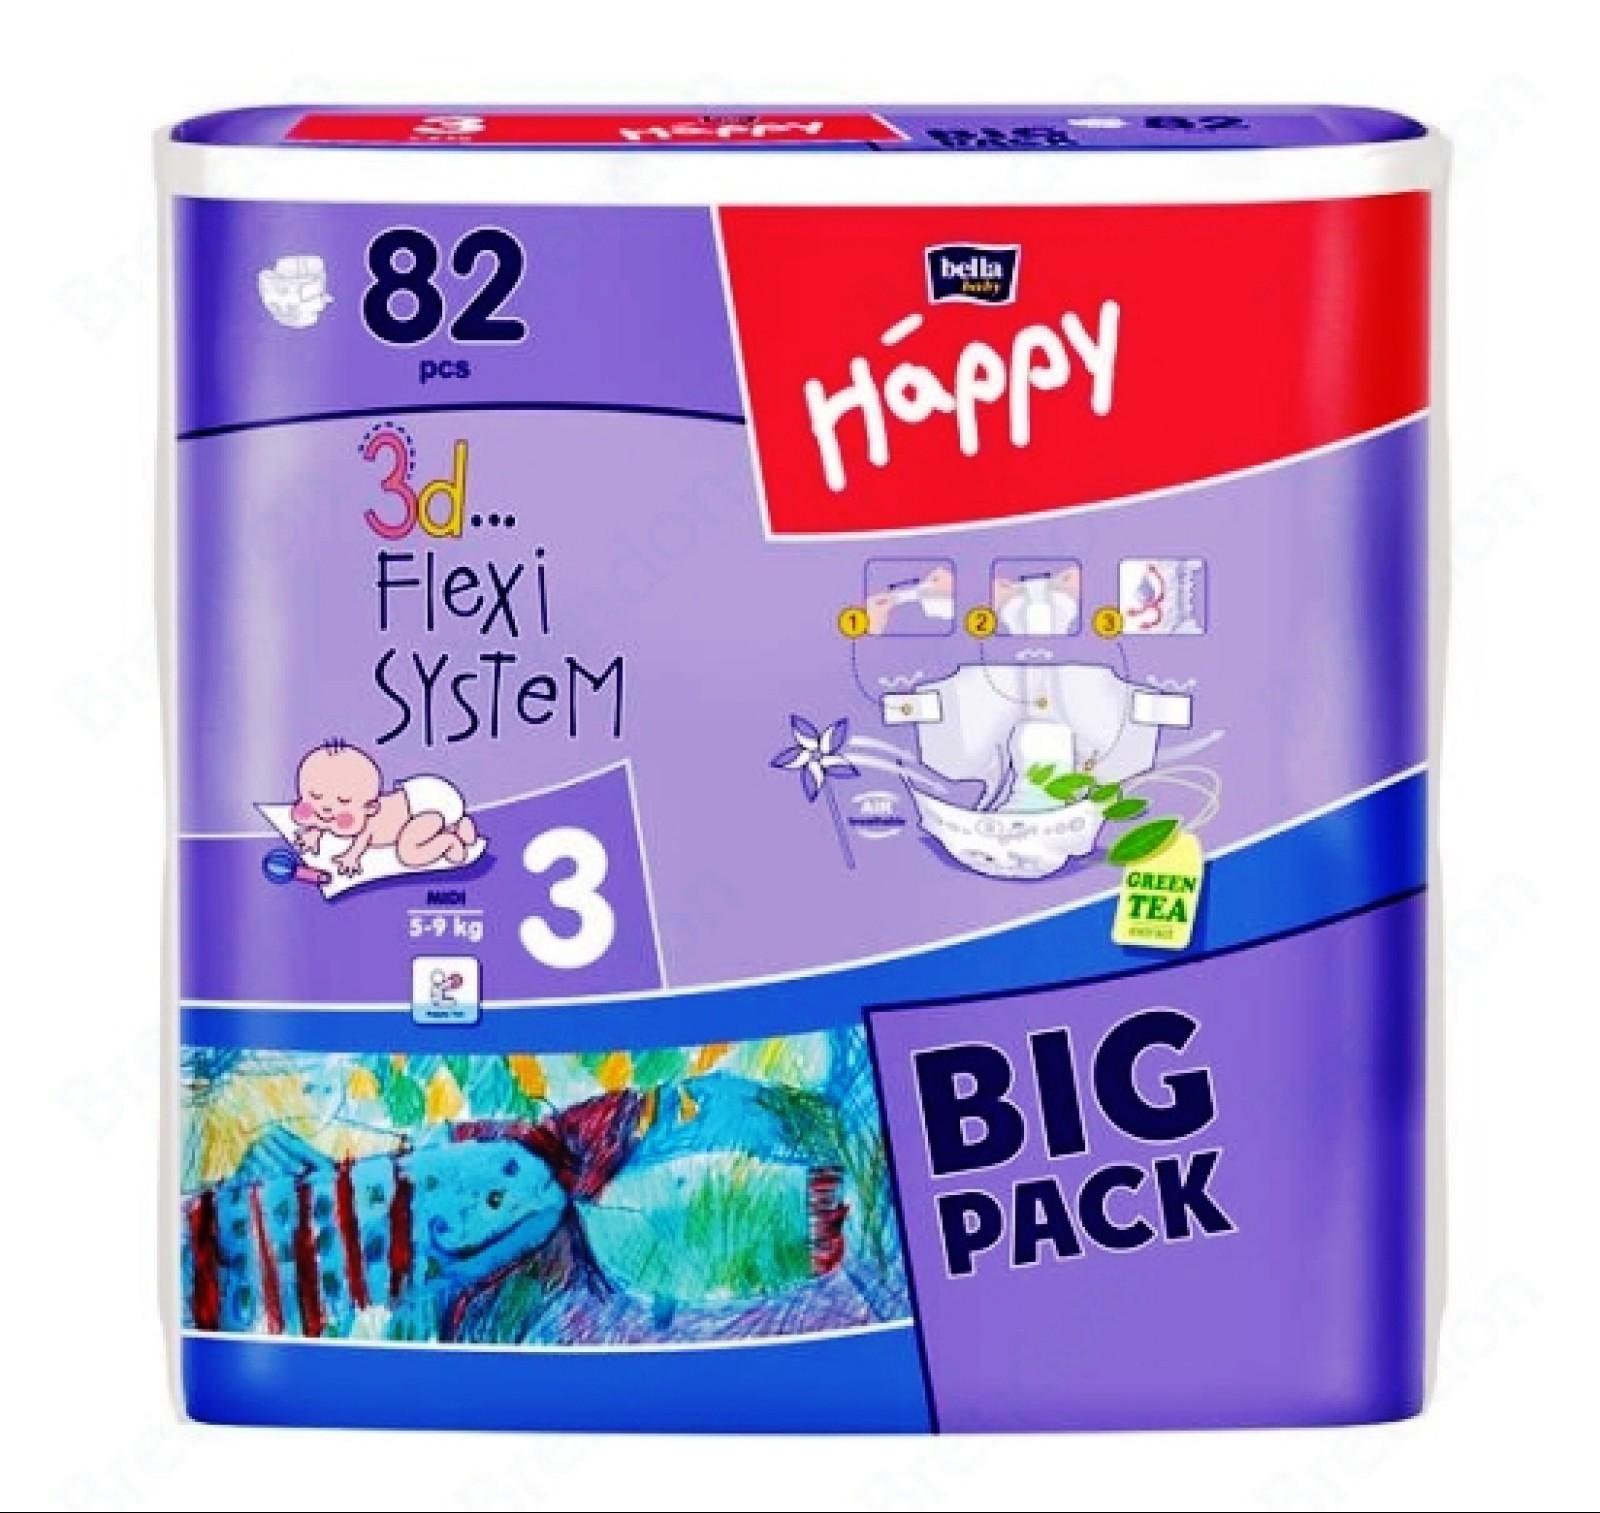 Bella Happy Midi Big Pack pelenka (5-9kg) x82